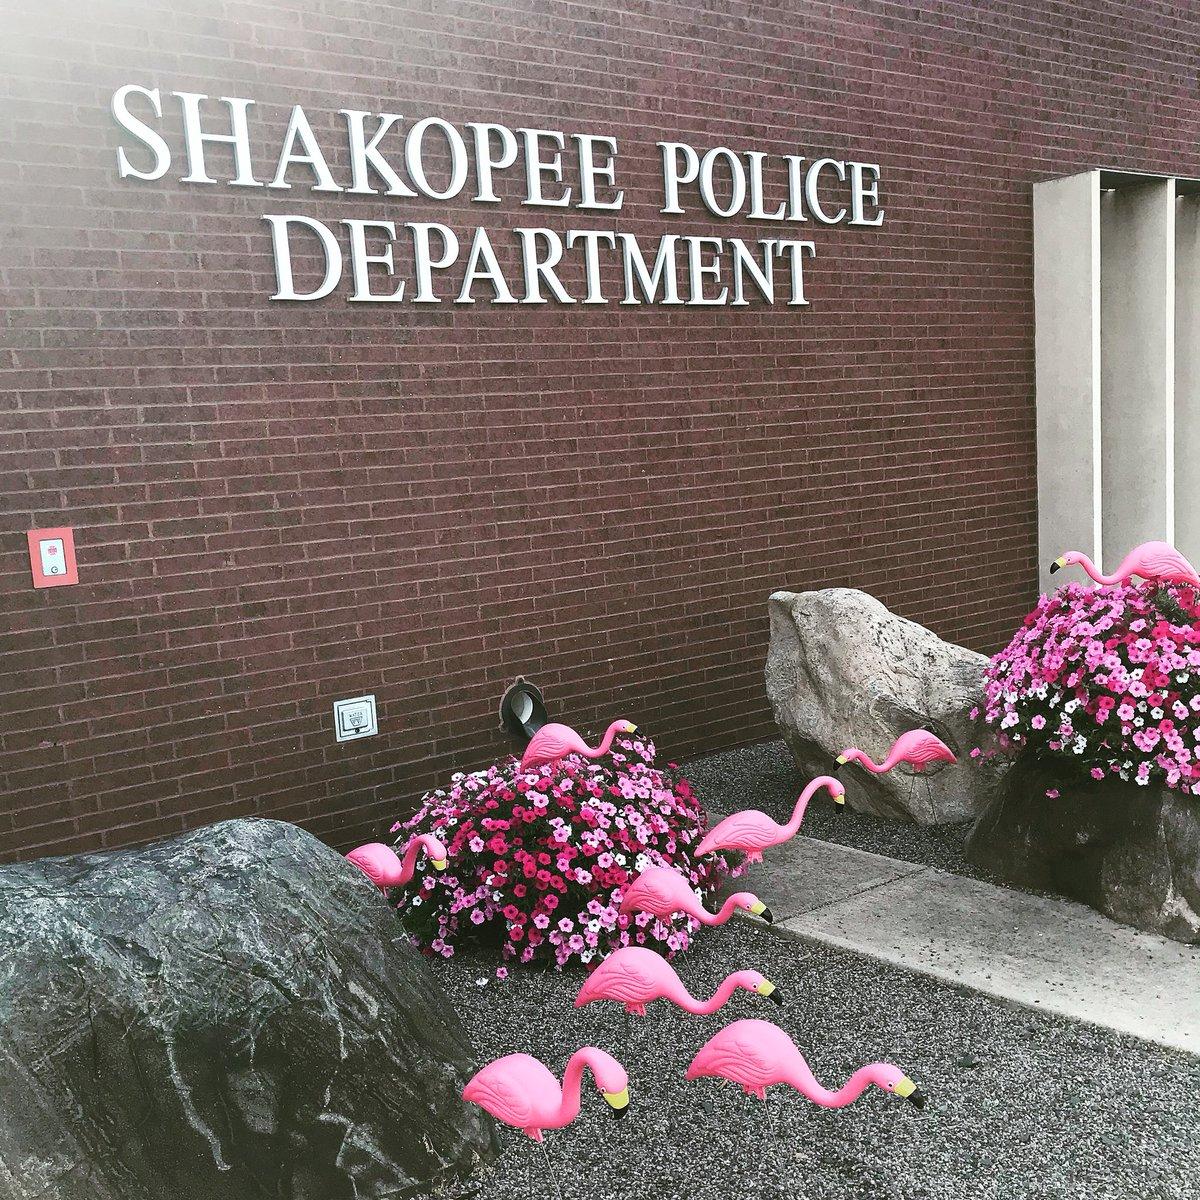 ShakopeePD photo